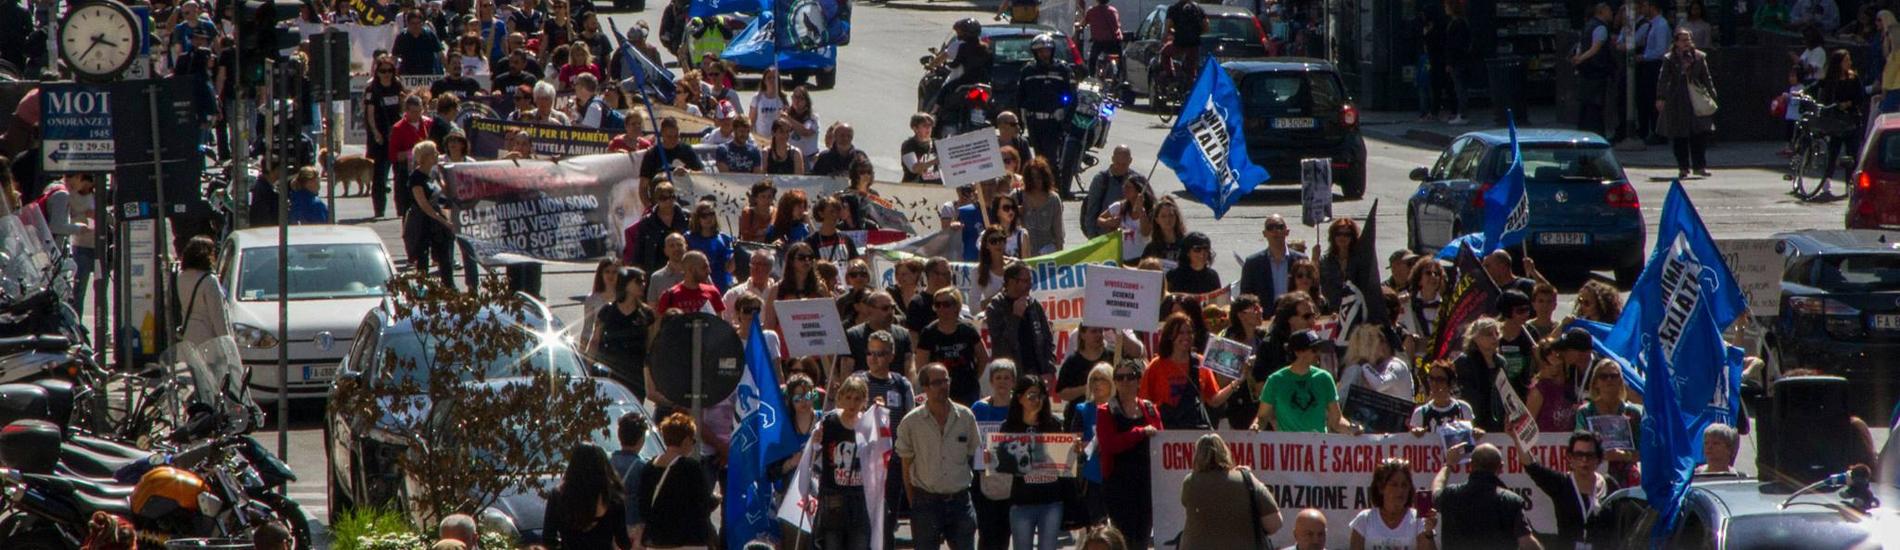 Italia contro la vivisezione